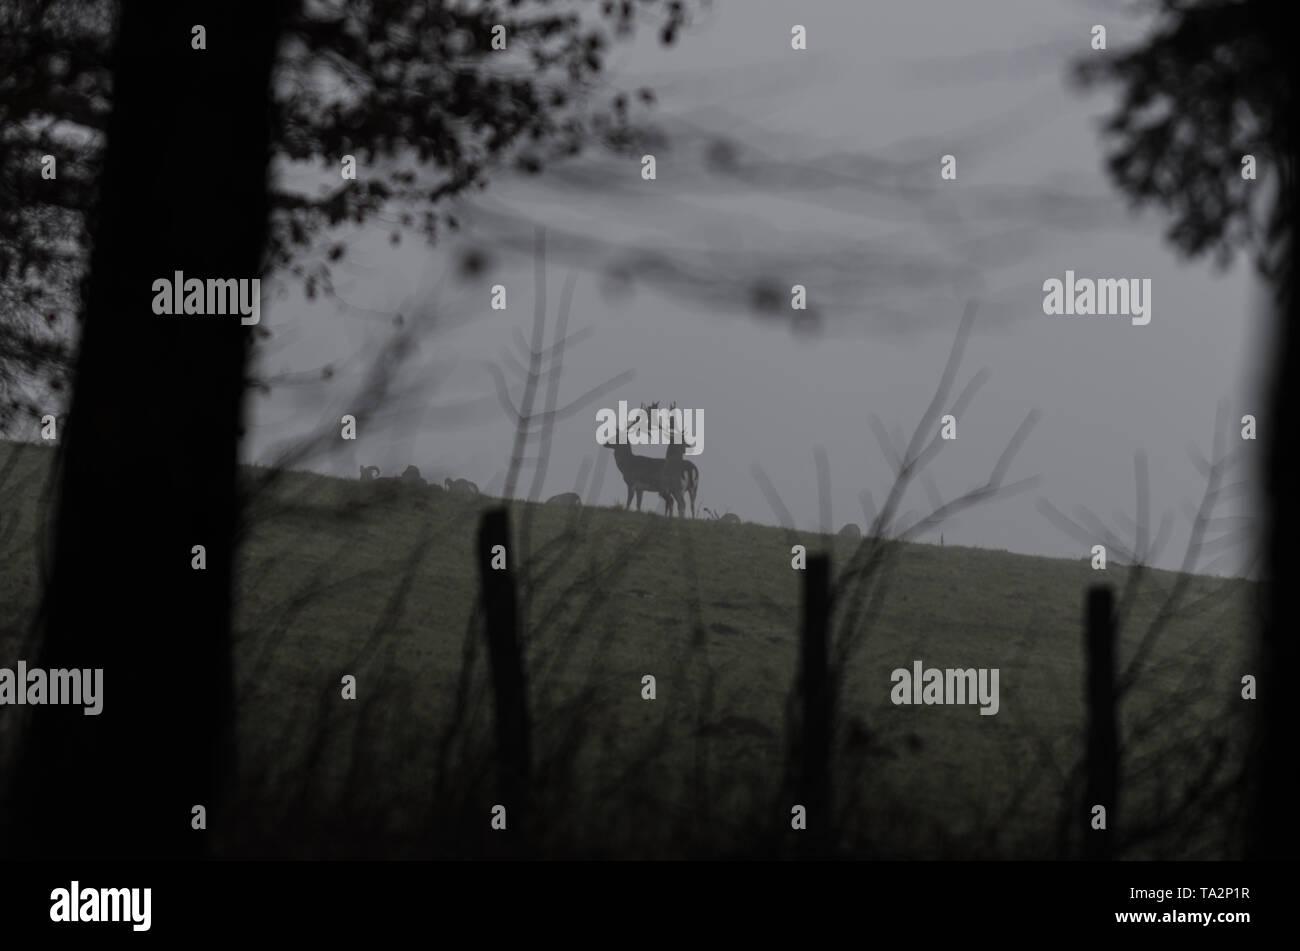 Zwei Hirsche in der Abenddämmerung - Stock Image